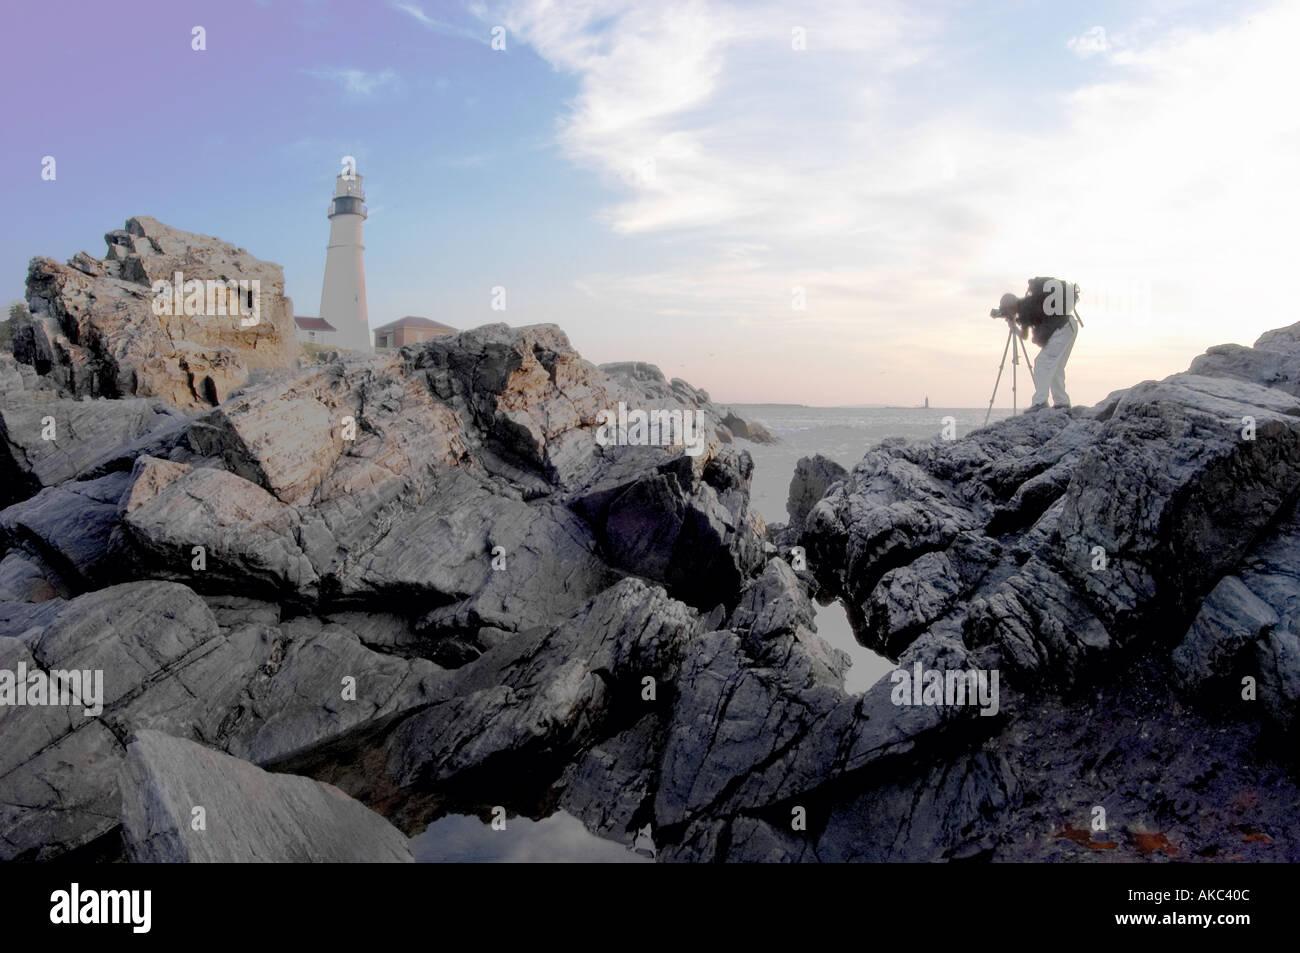 Fotografo di scattare una foto di Portland Head Lighthouse Cape Elizabeth Maine New England USA Immagini Stock